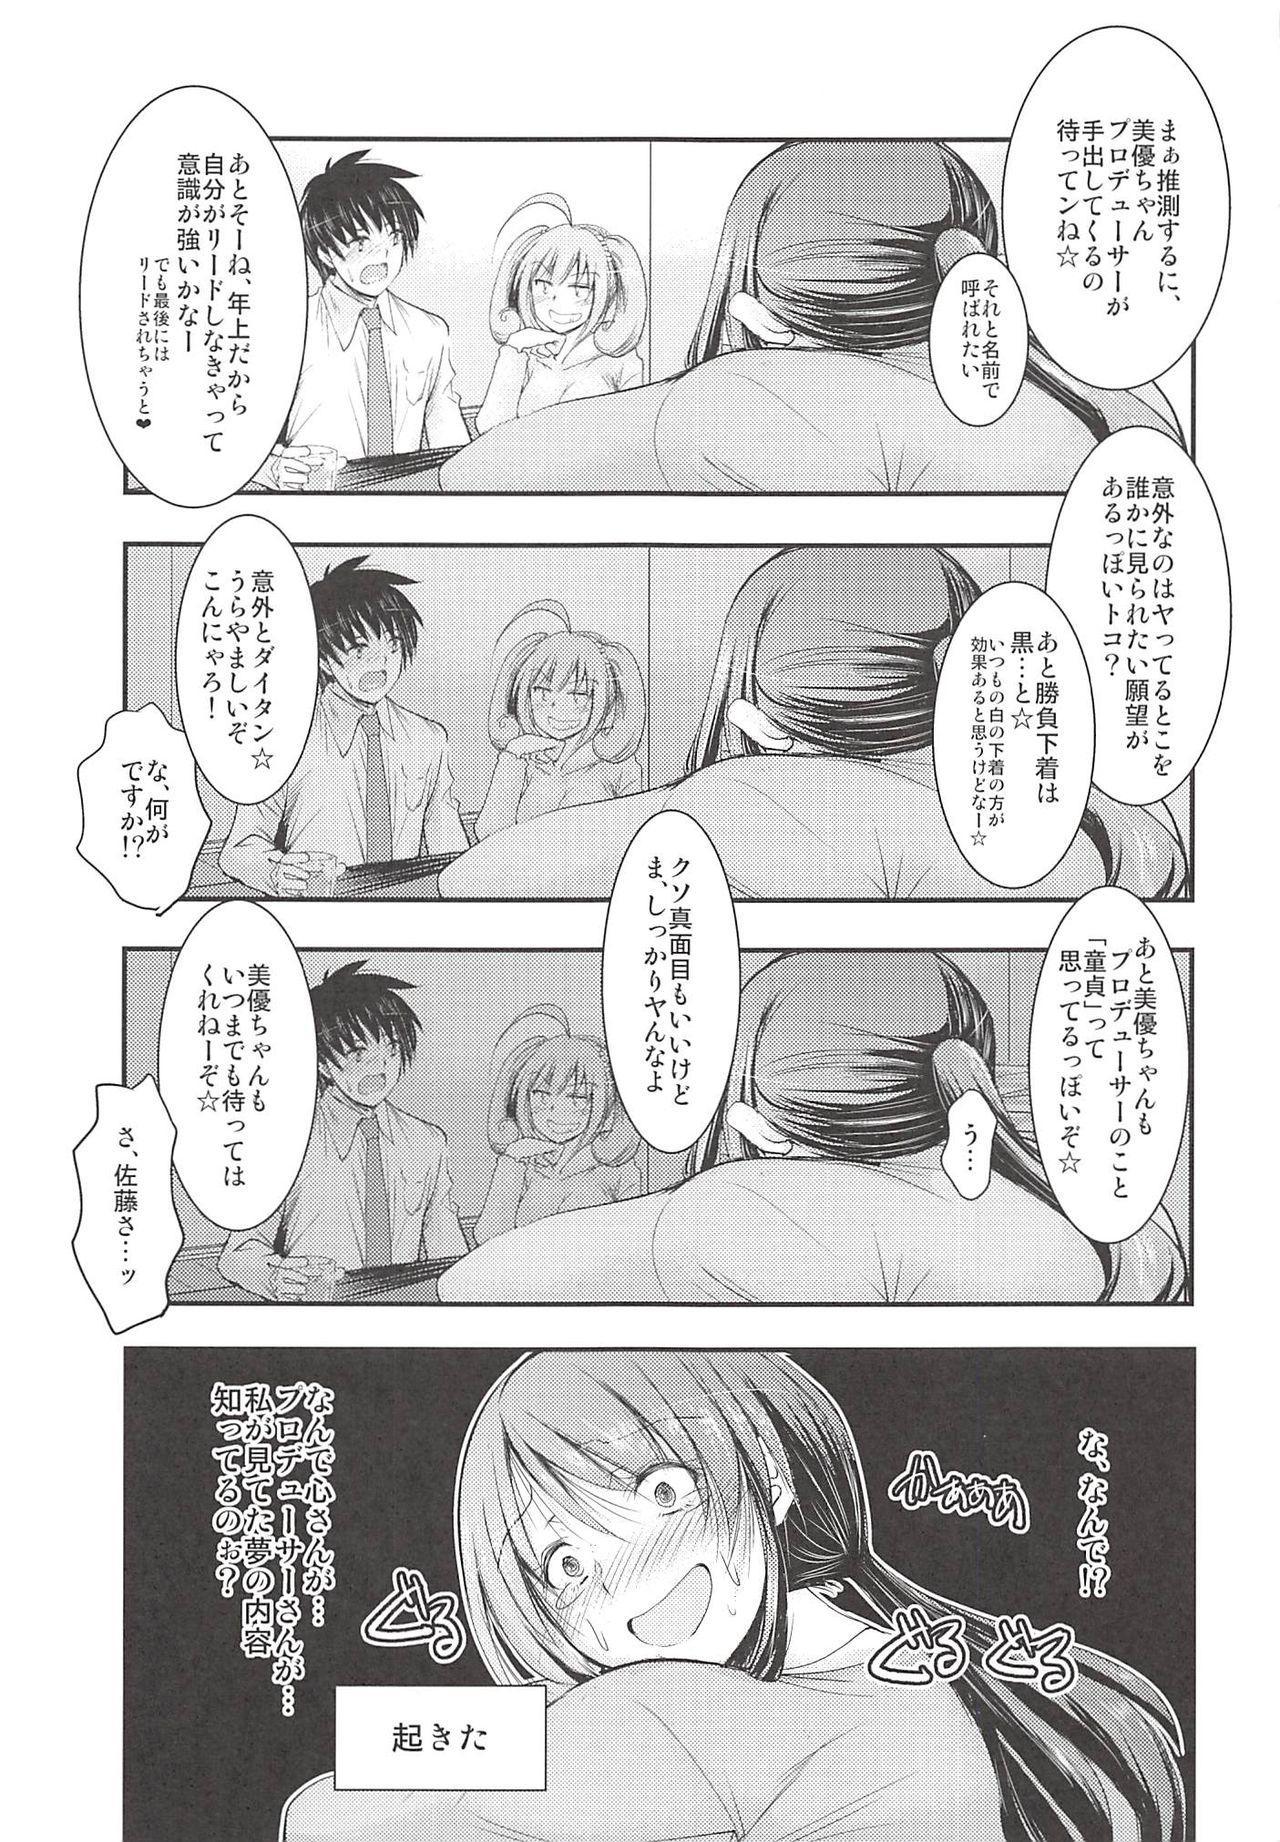 Mifune-san no Heya de Naisyo no 23